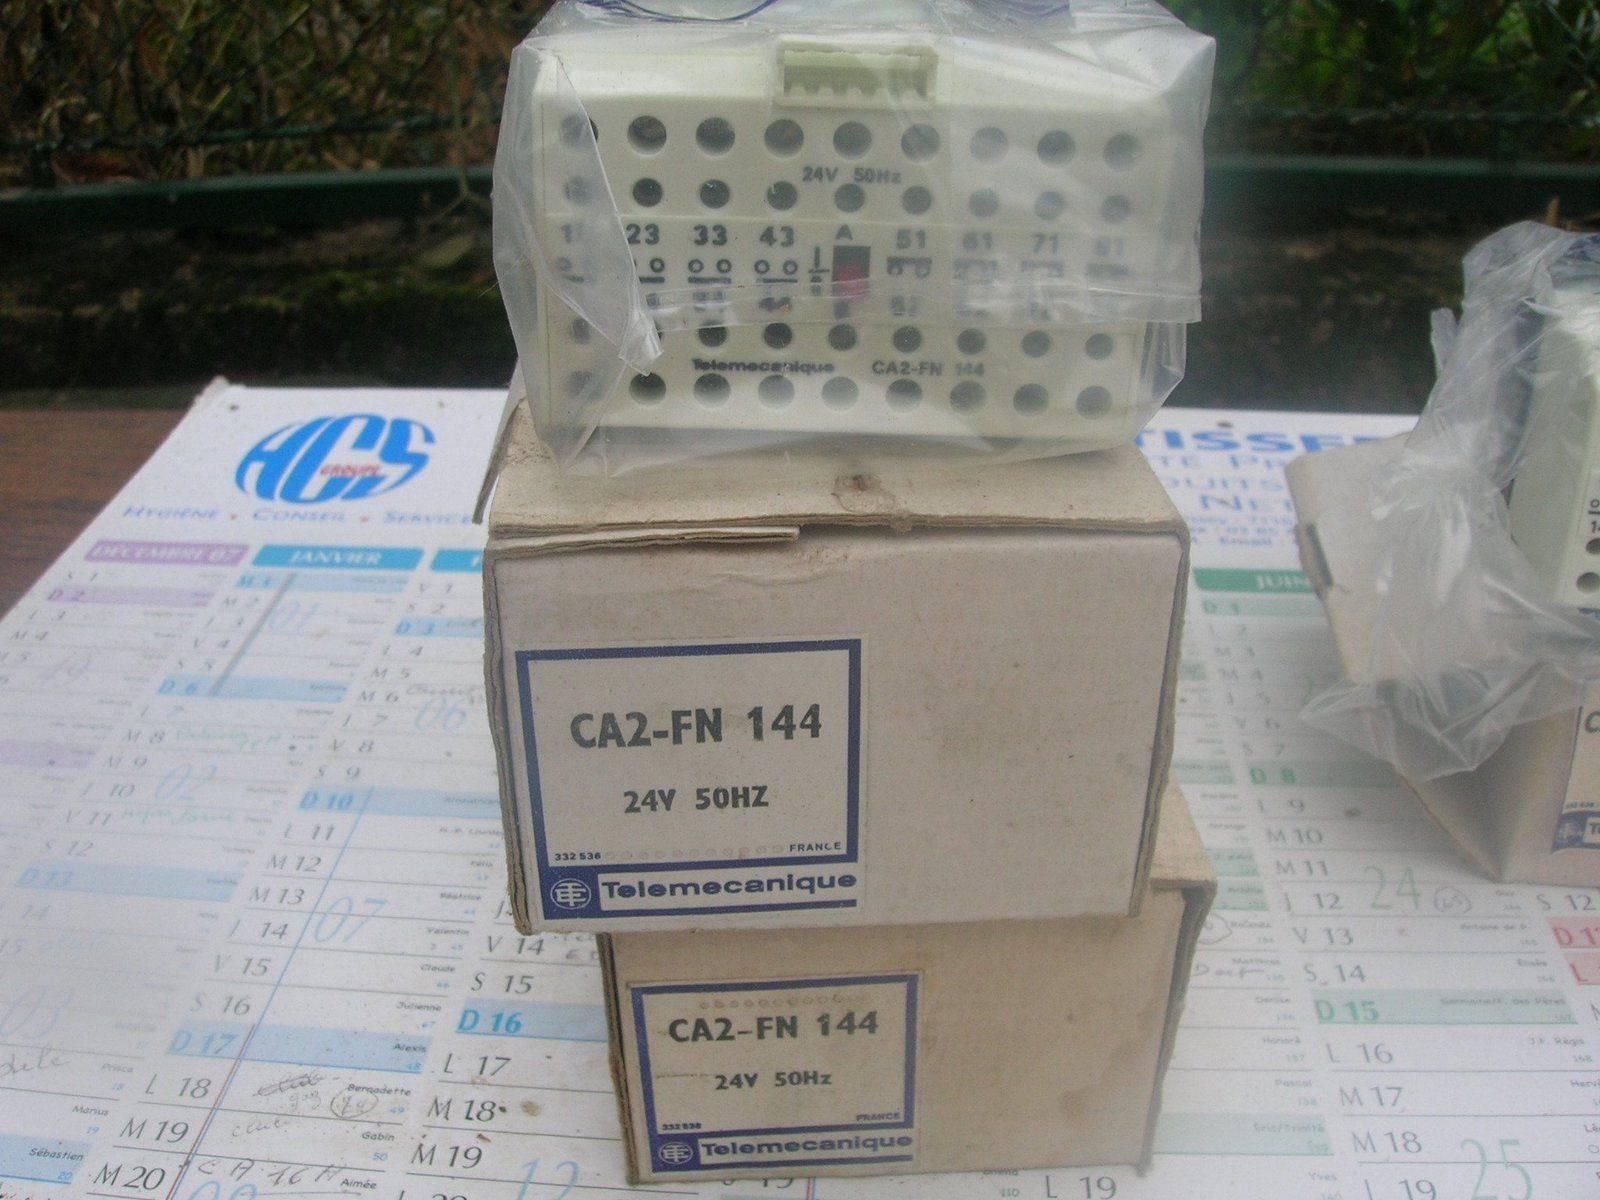 DSCN2108.JPG